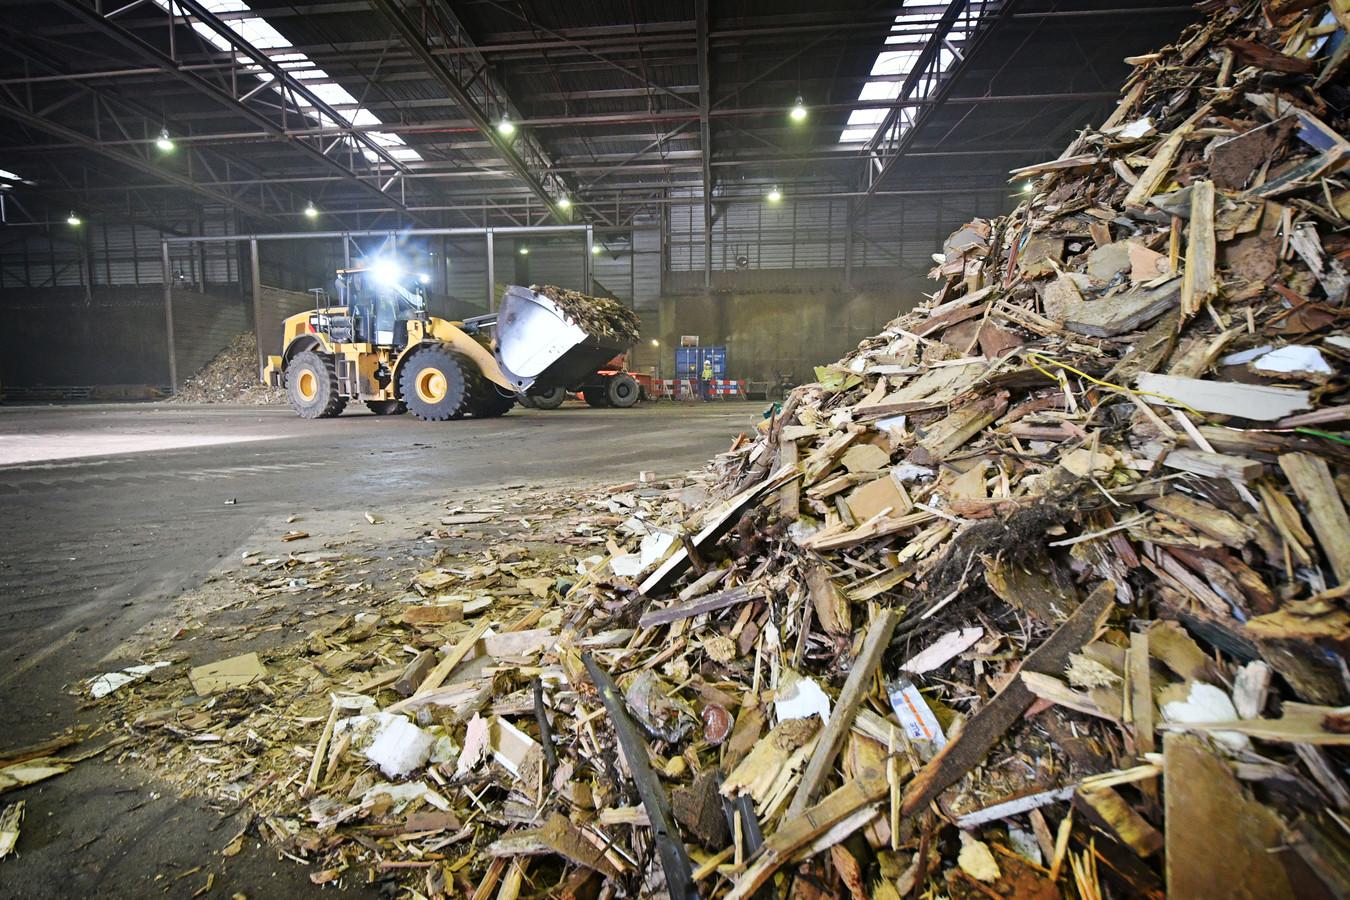 Houtafval voor een biomassacentrale in Twente.